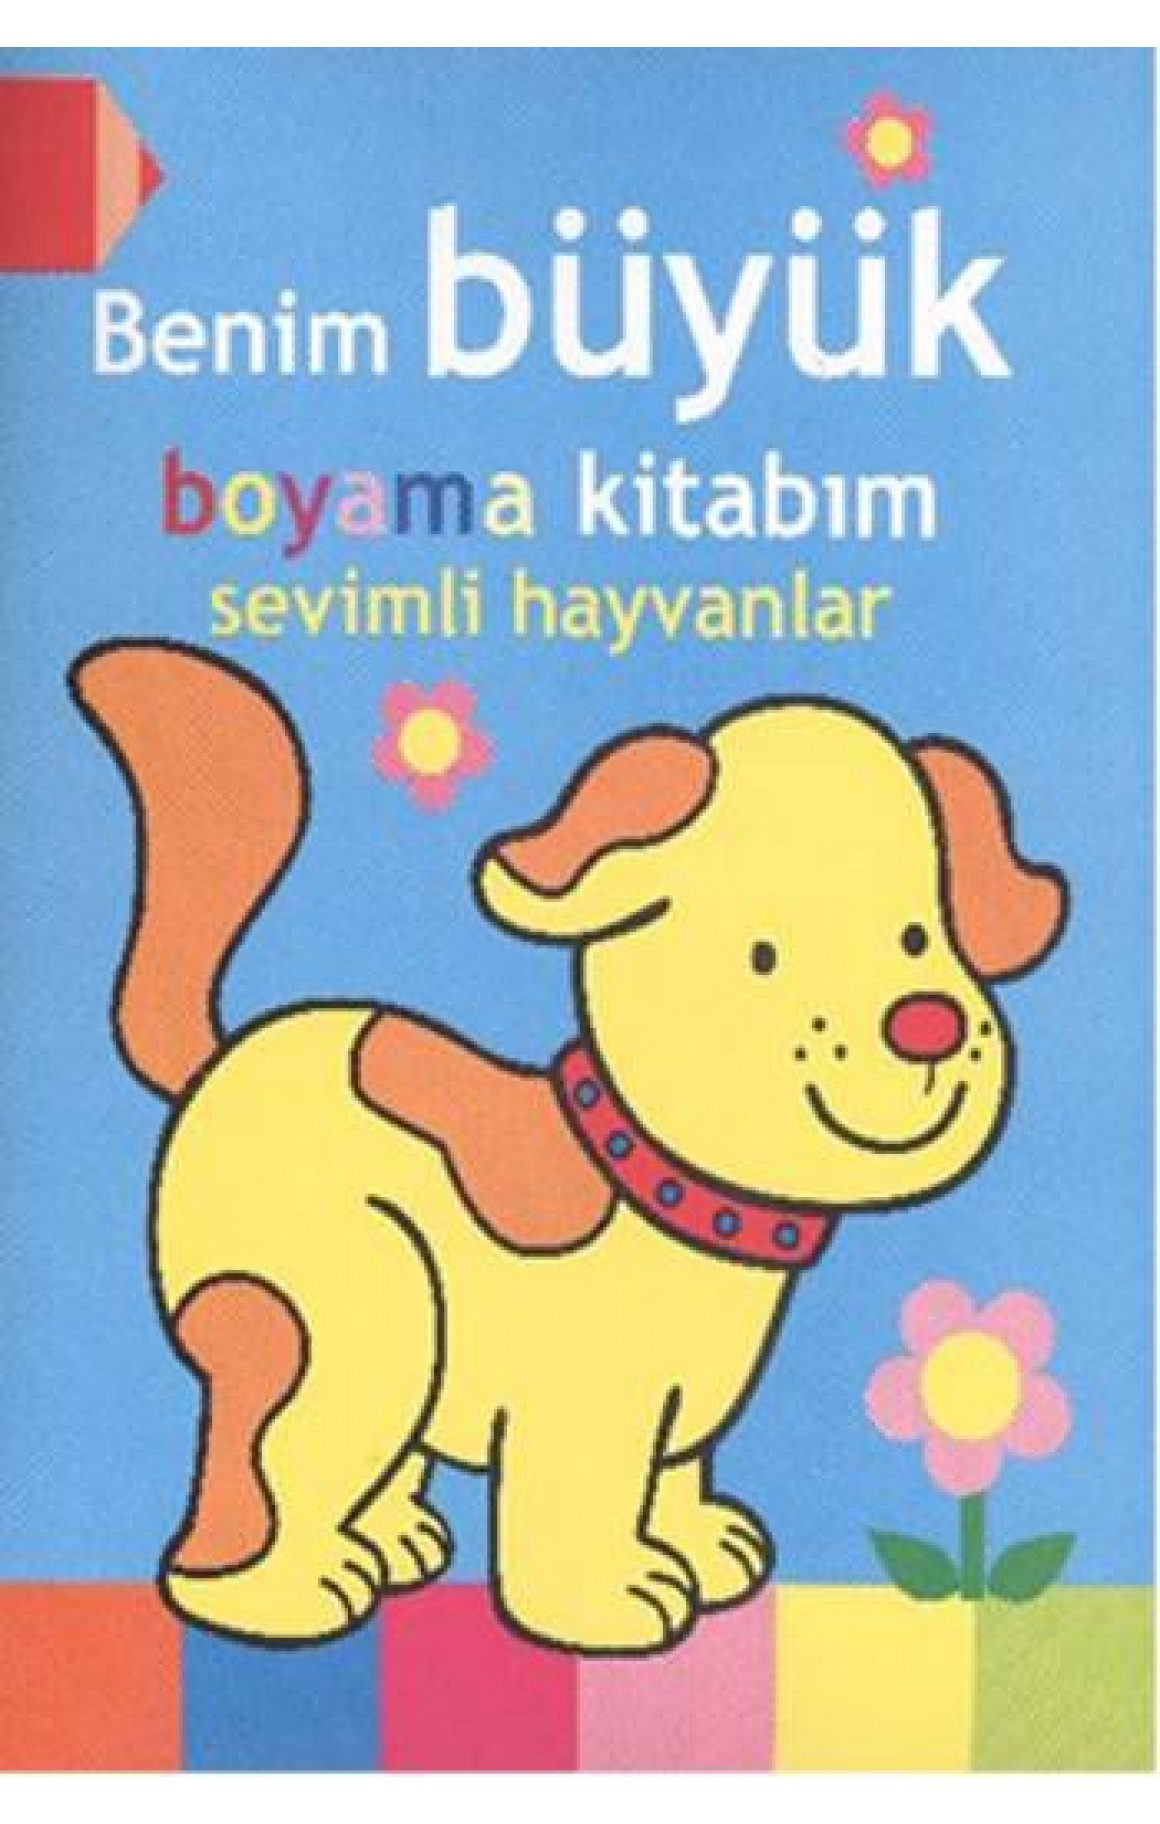 Benim Büyük Boyama Kitabım Sevimli Hayvanlar